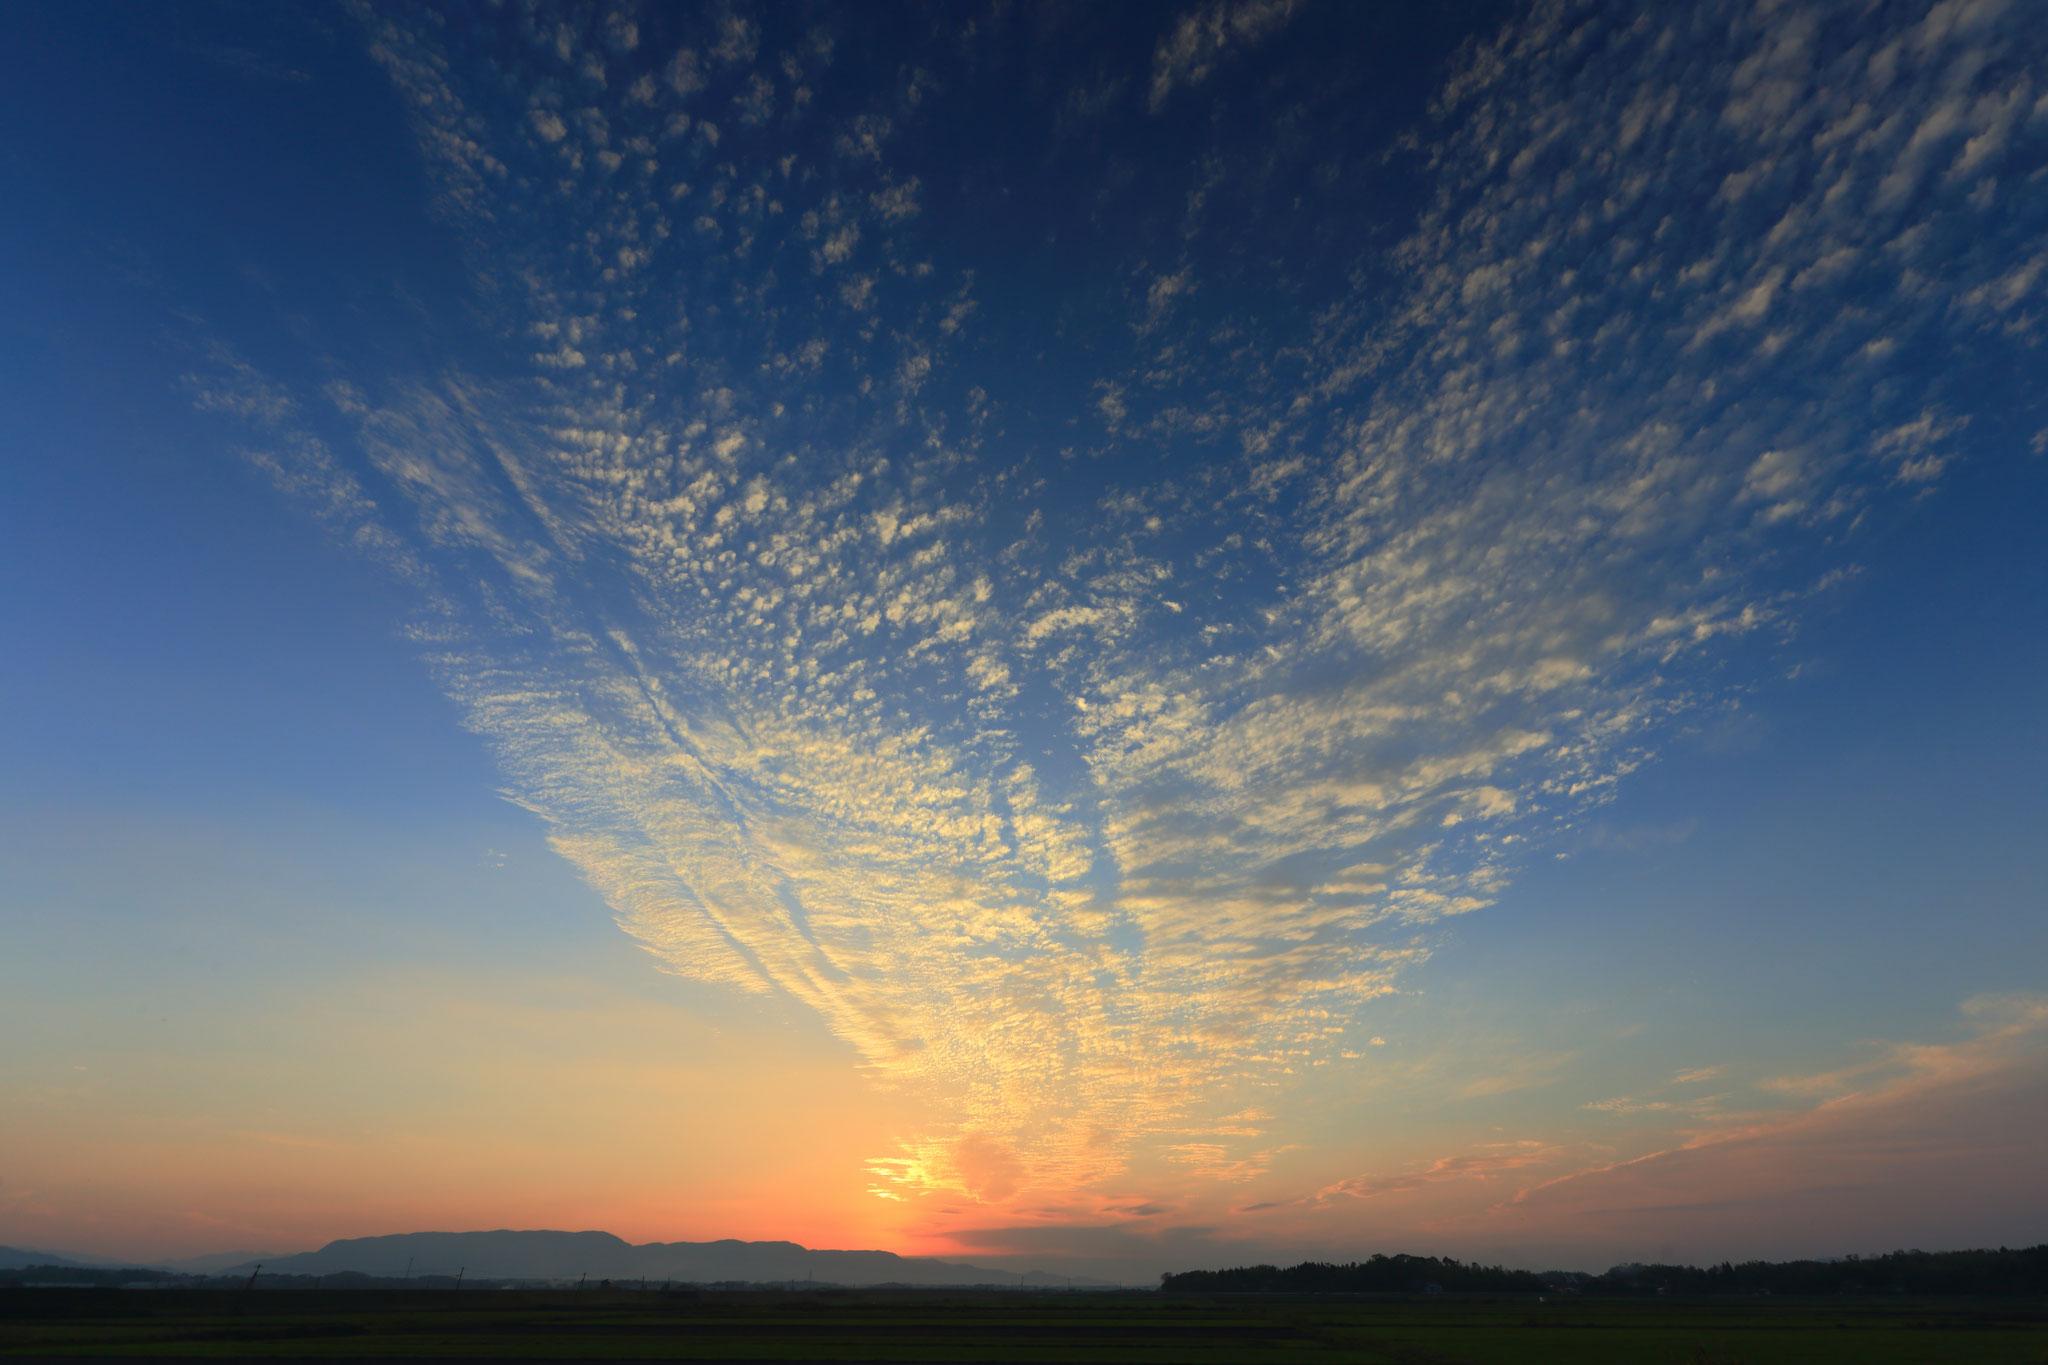 加工センター事務所裏から眺める夕焼け空